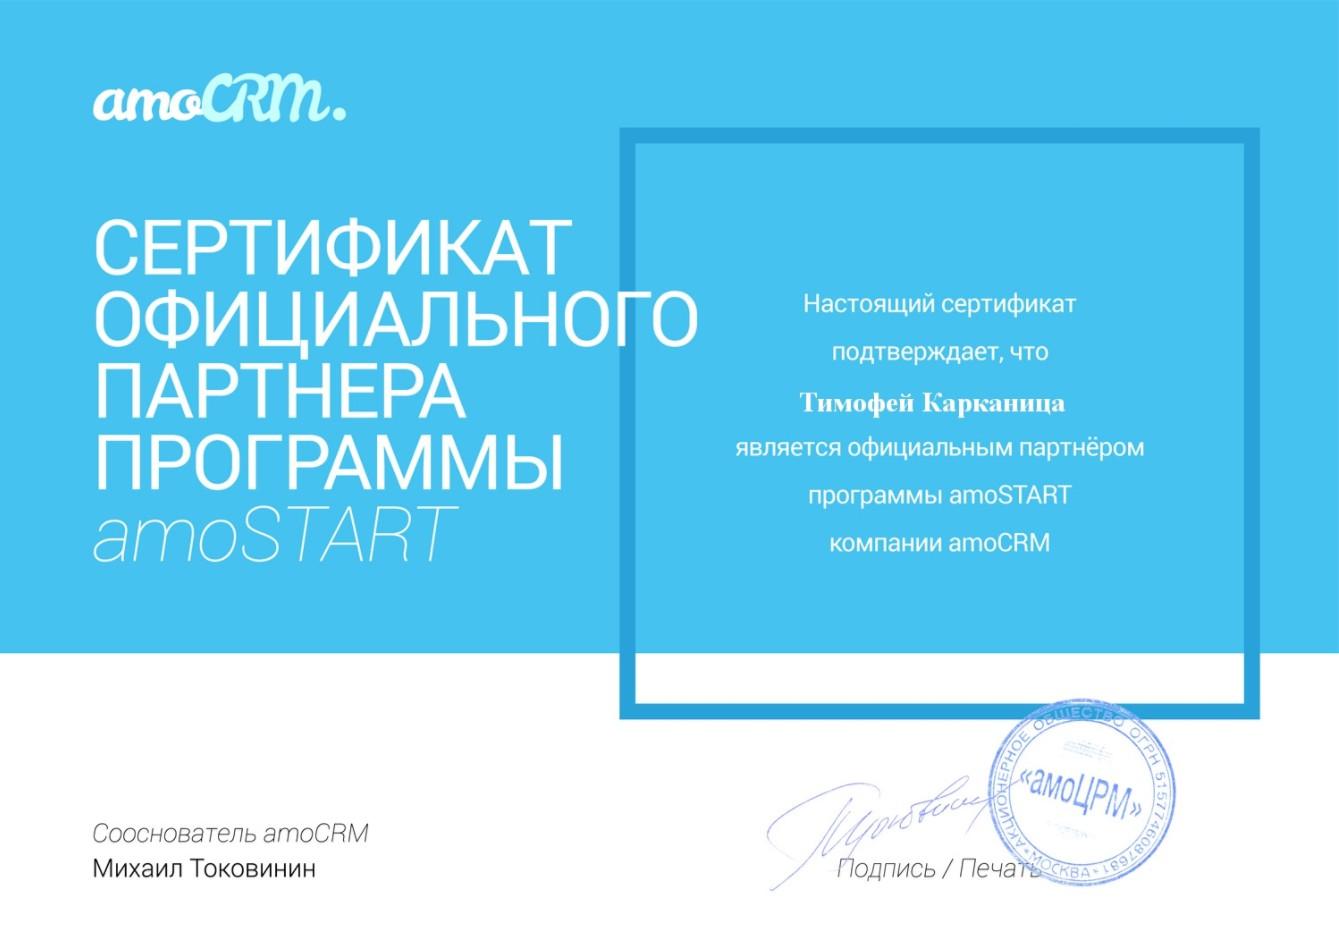 Официальный партнер AmoCRM